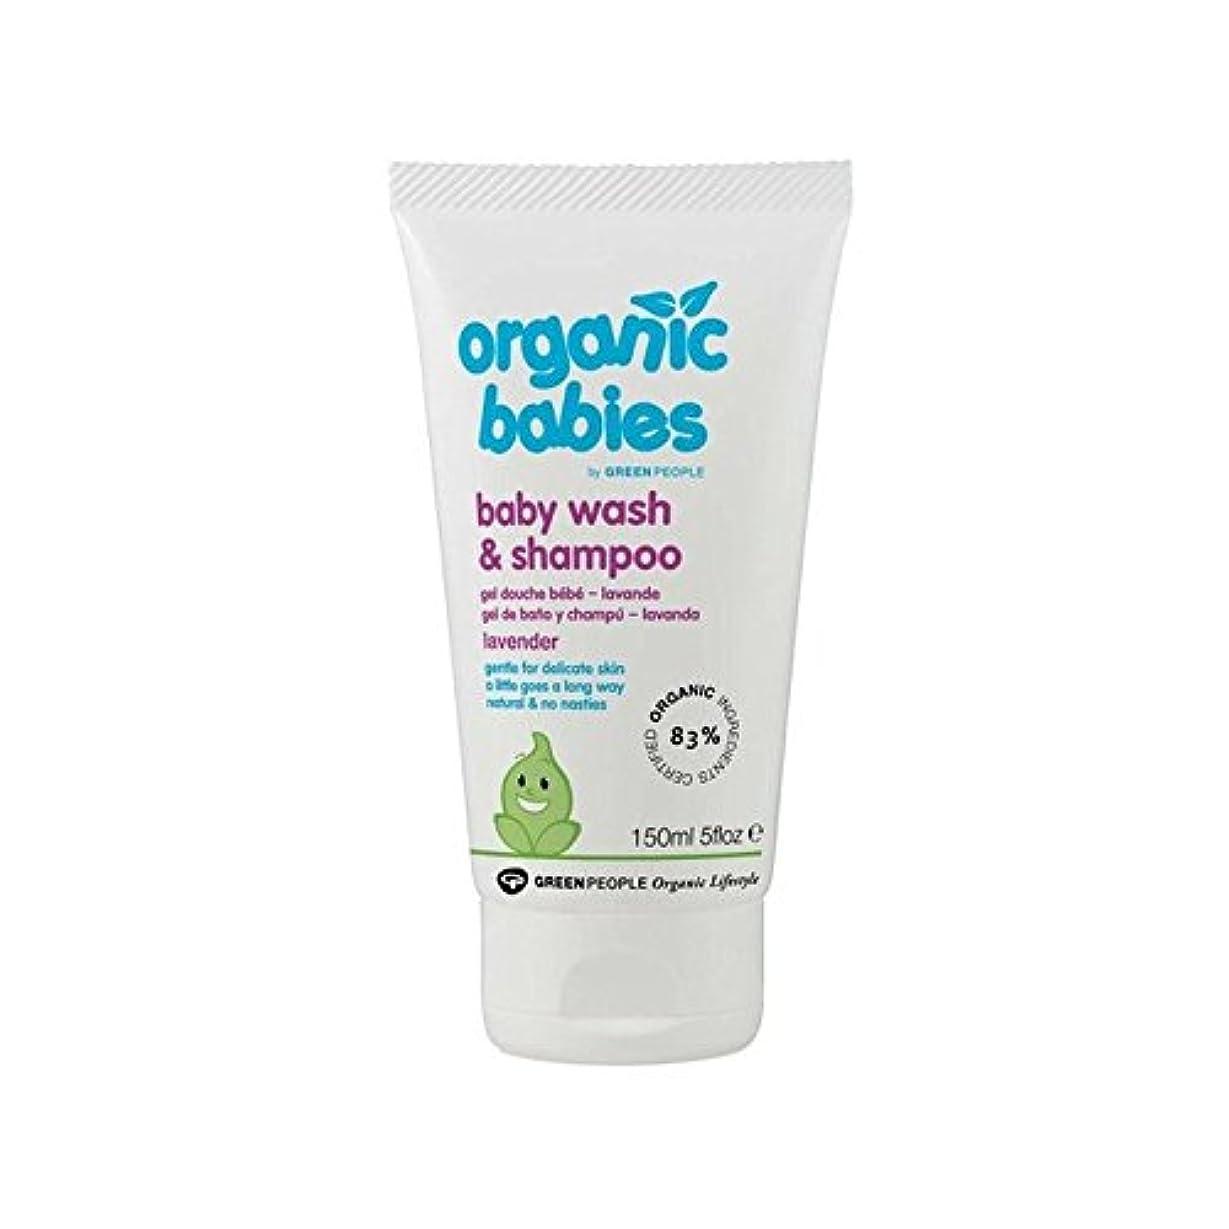 写真を撮るオーケストラ枕緑の人々ラベンダーベビーウォッシュ&シャンプー(150ミリリットル) x4 - Green People Lavender Baby Wash & Shampoo (150ml) (Pack of 4) [並行輸入品]